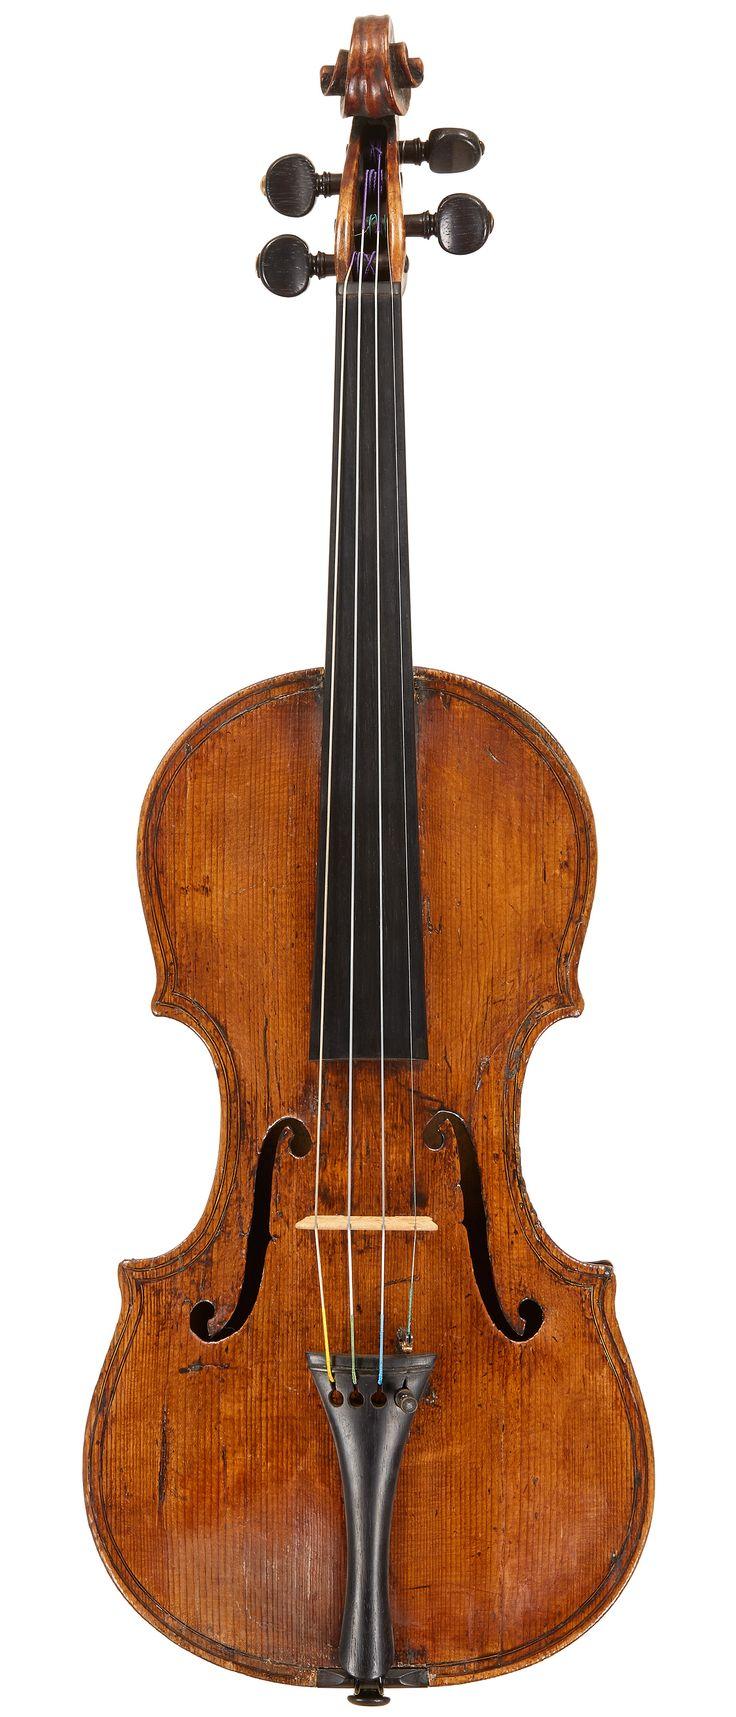 Violino giovanni paolo maggini brescia 1620 for Soil 1714 stradivarius